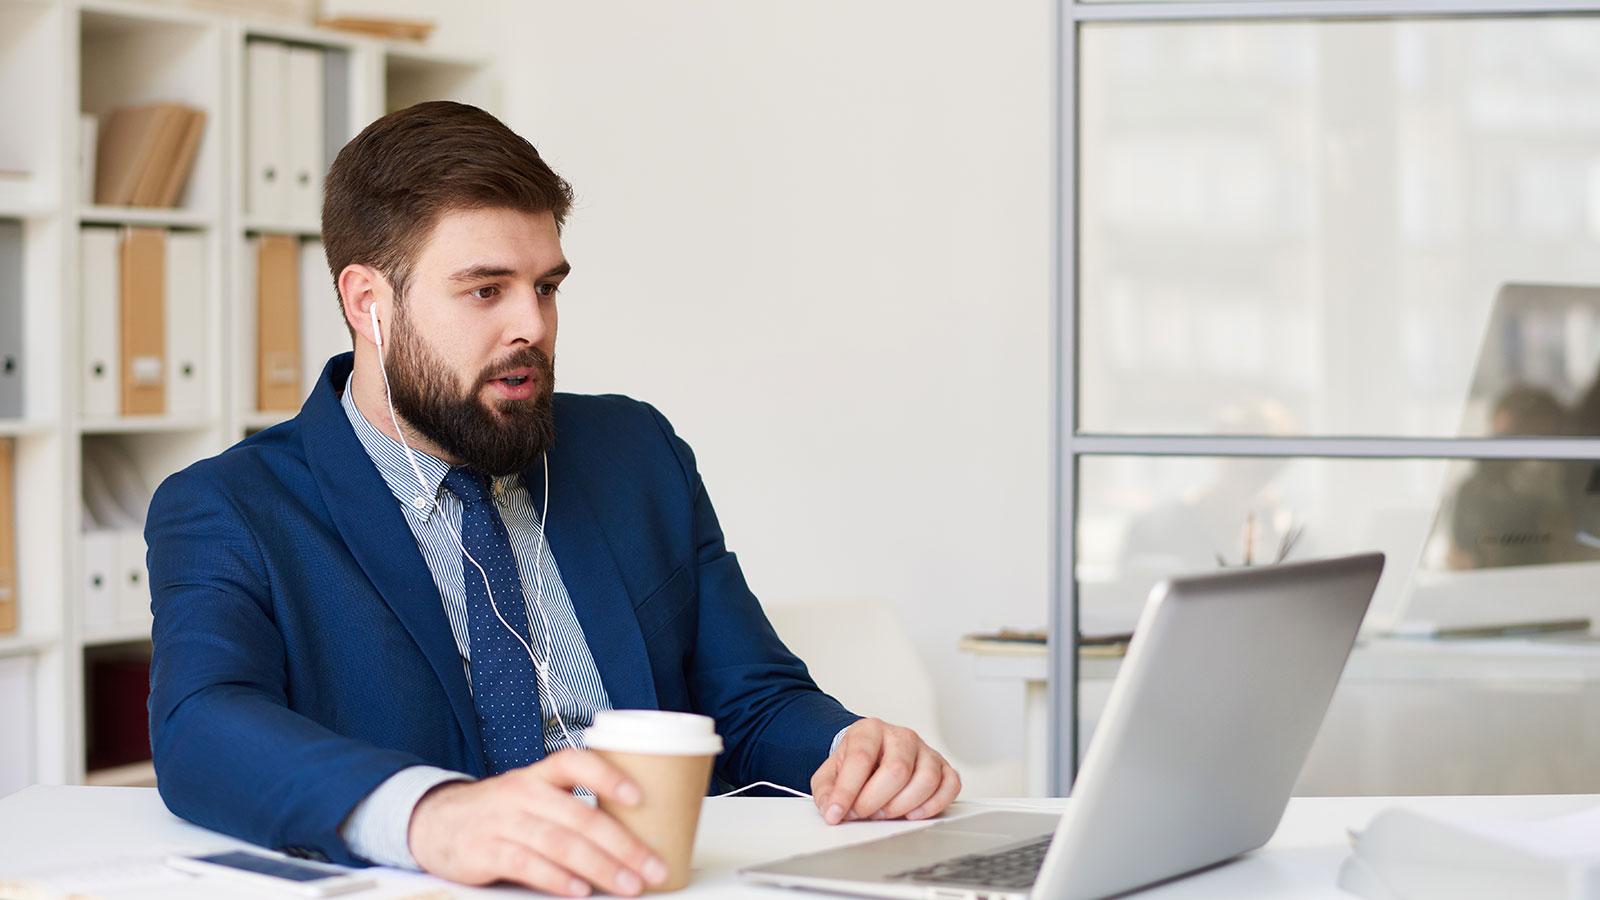 cultura organizacional 4 - Entenda o que é cultura organizacional e como implementar na sua empresa